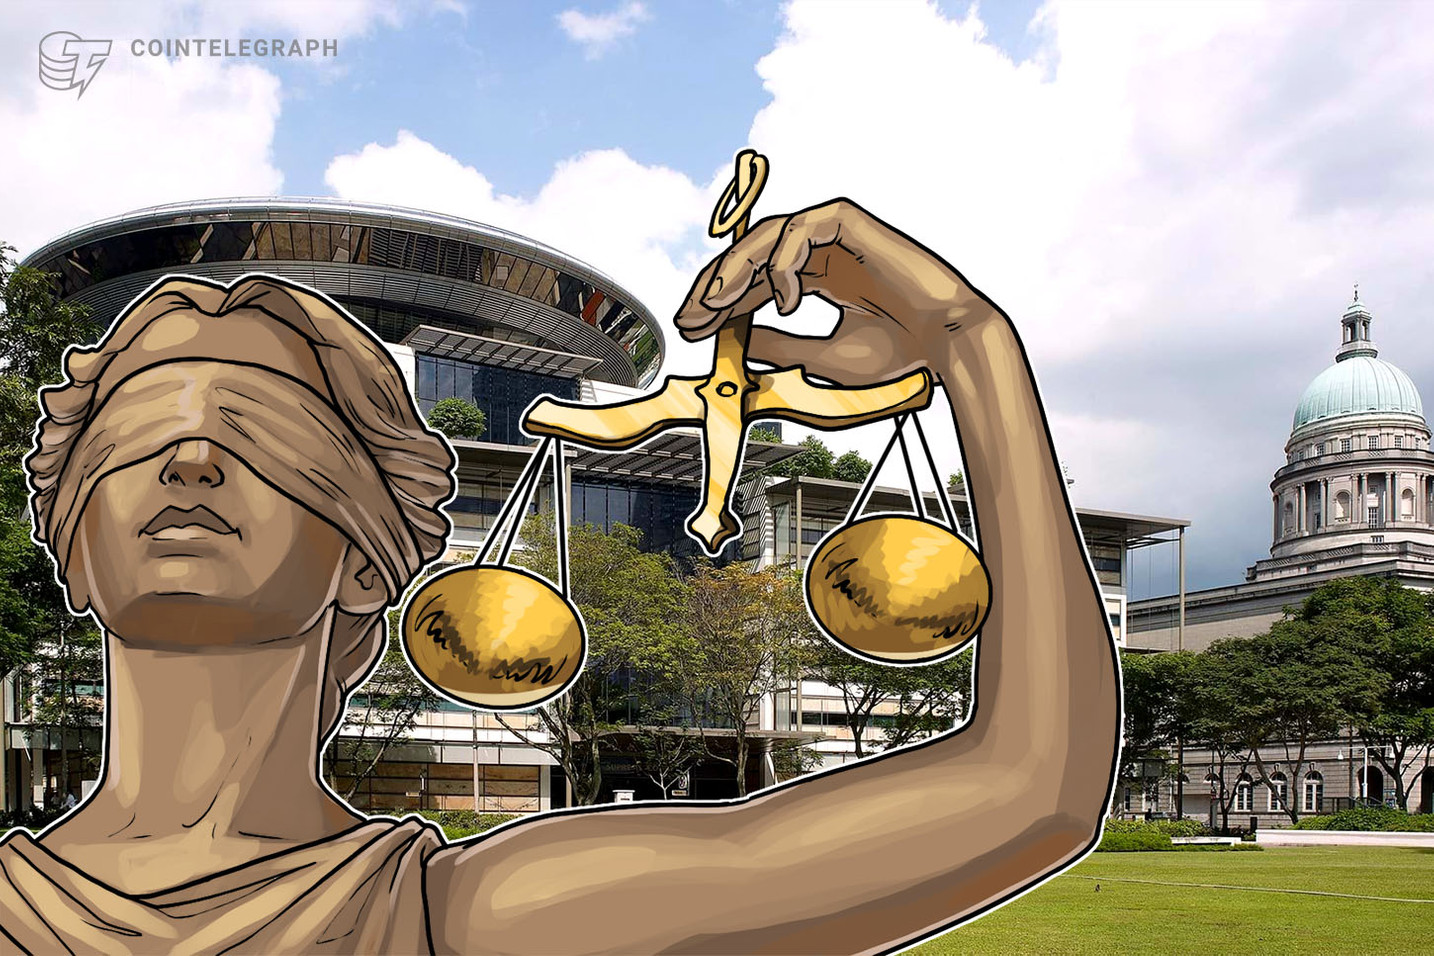 シンガポールで初となるビットコイン絡みの訴訟、仮想通貨取引所QUOINEとリクイディティプロバイダーが取引取り消しで争う